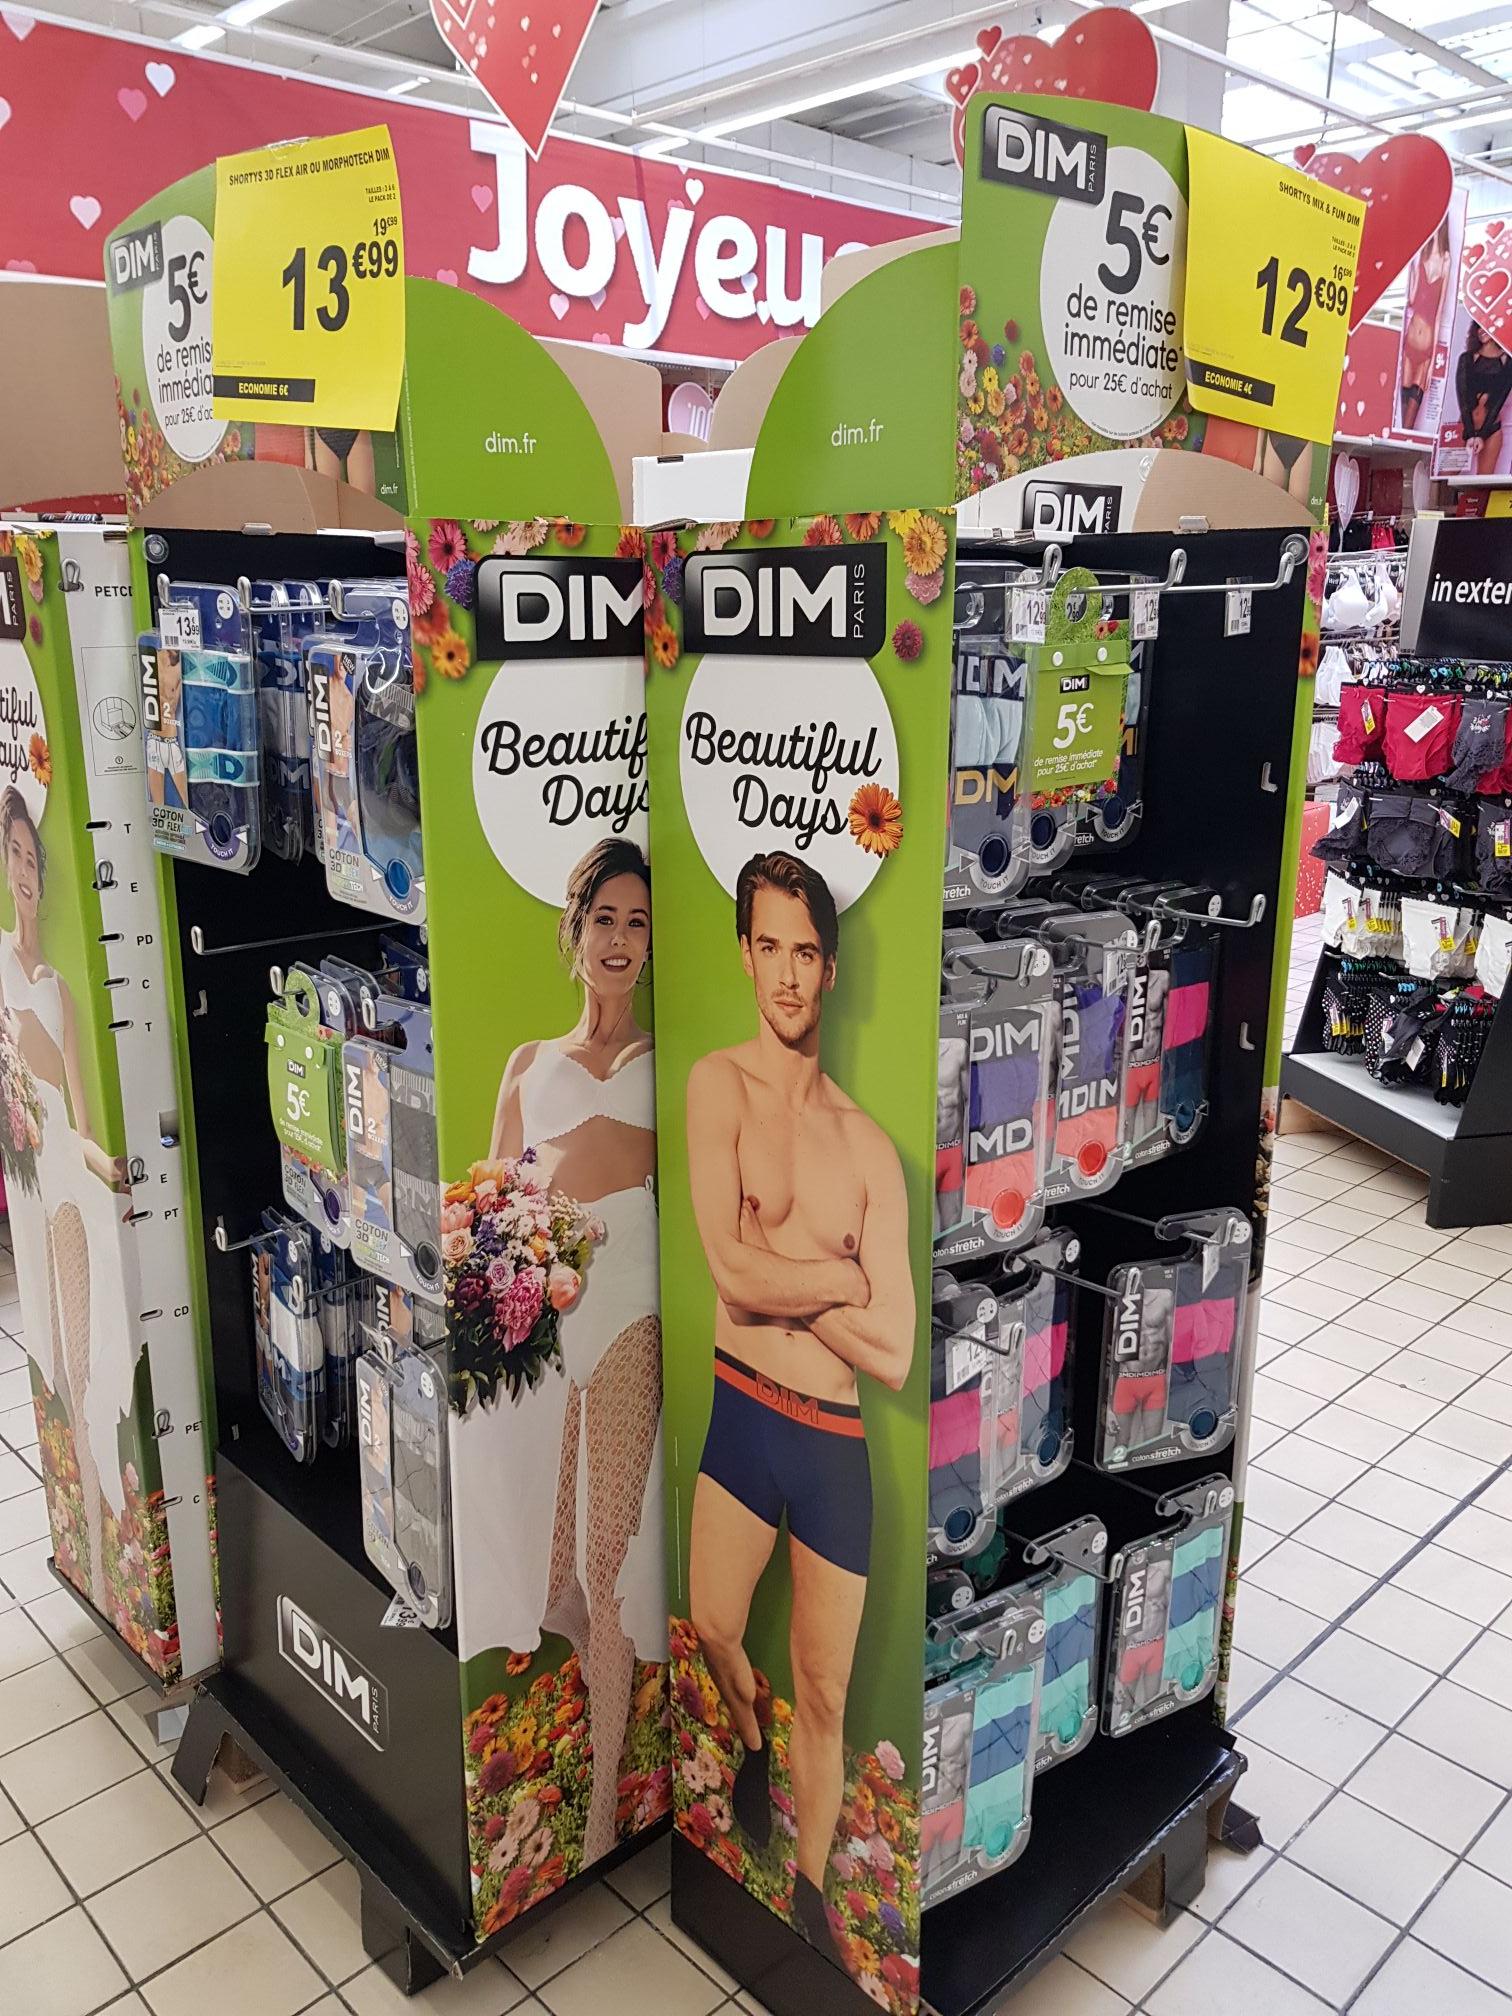 5€ de réduction des 25€ d'achat sur les produits DIM - Auchan Angoulême (16)